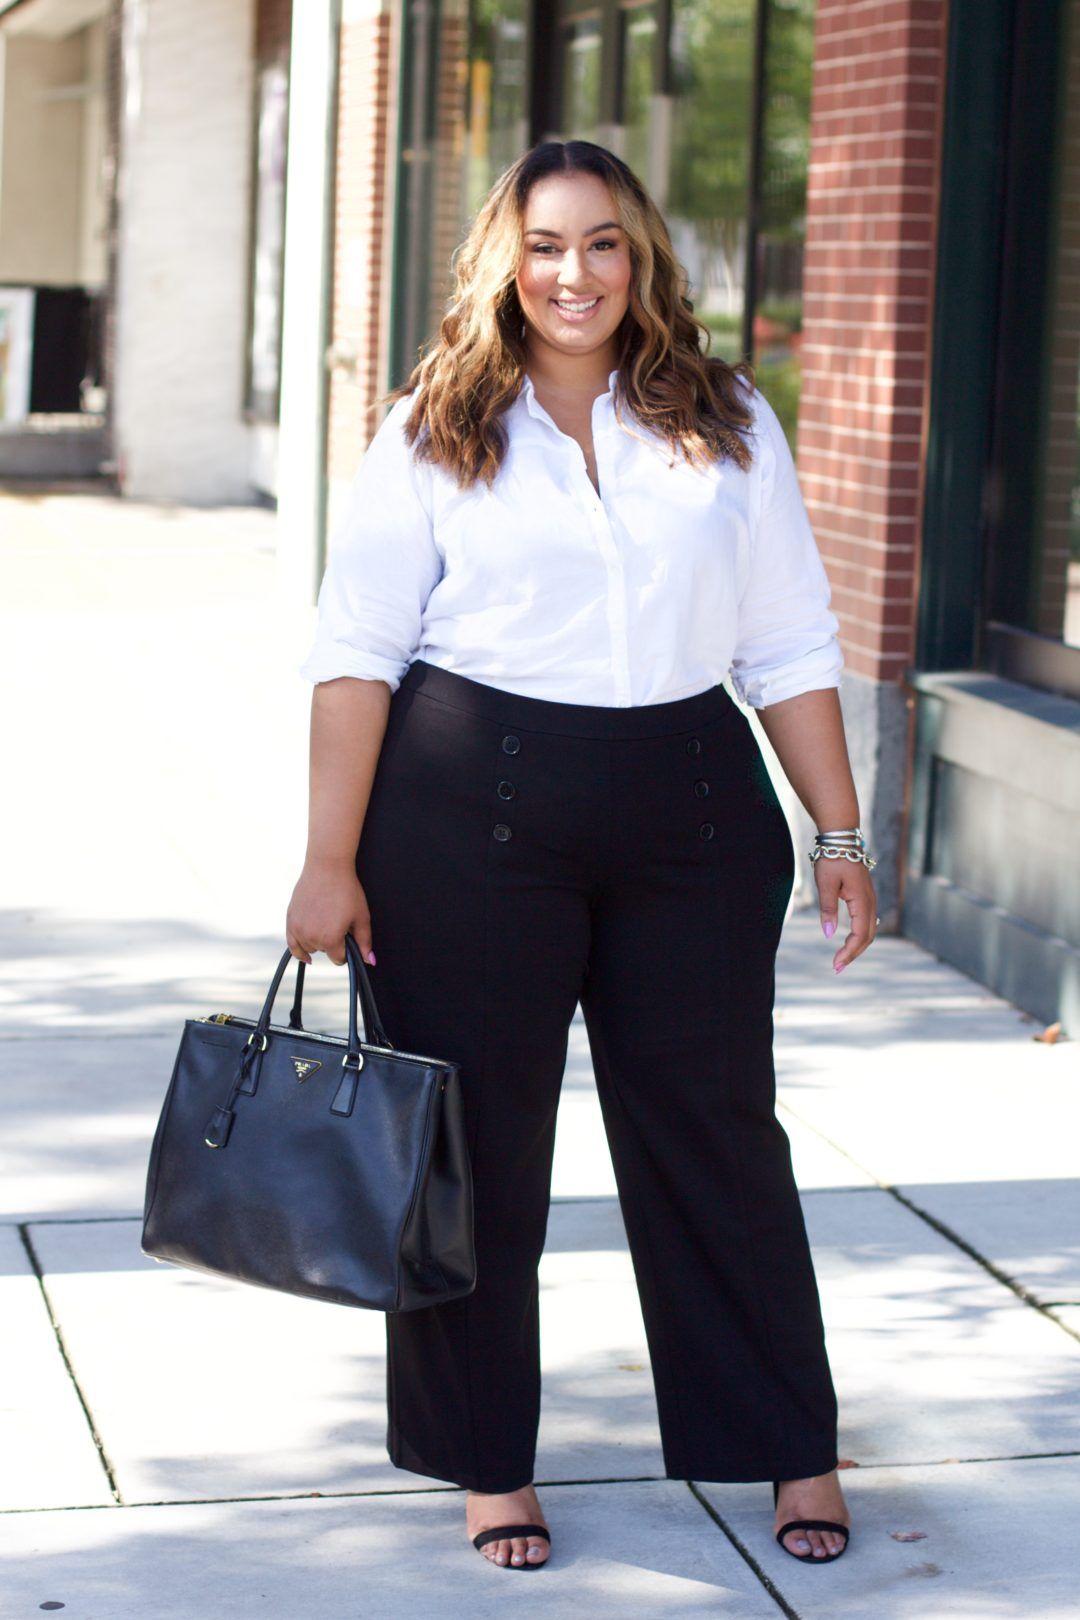 64c6ba5cc04 Plus Size Fashion for Women - Beauticurve